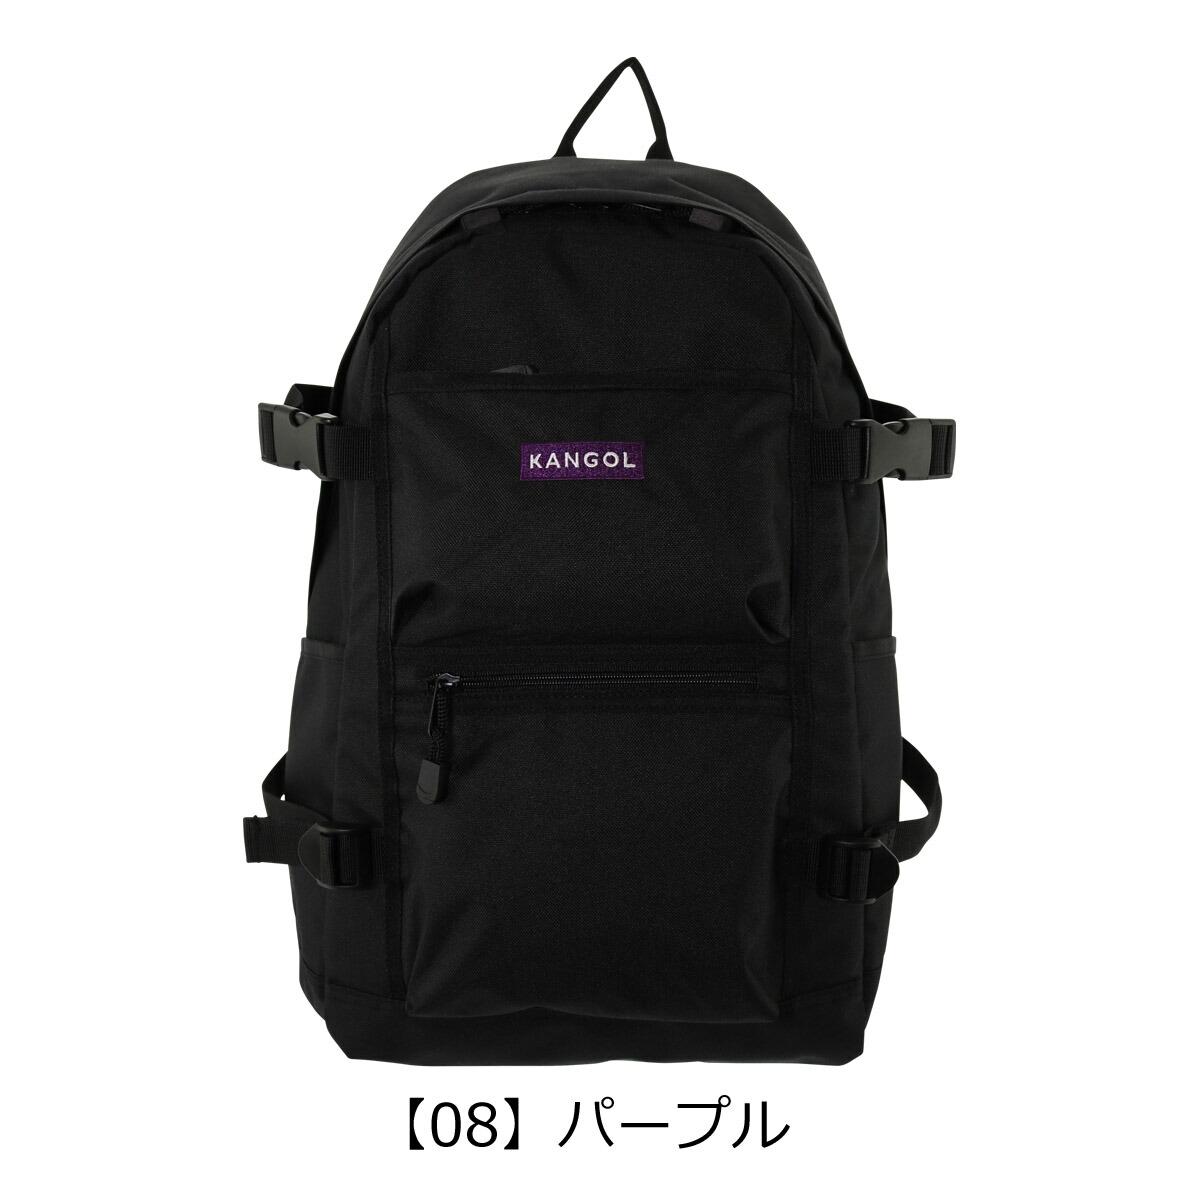 【08】パープル